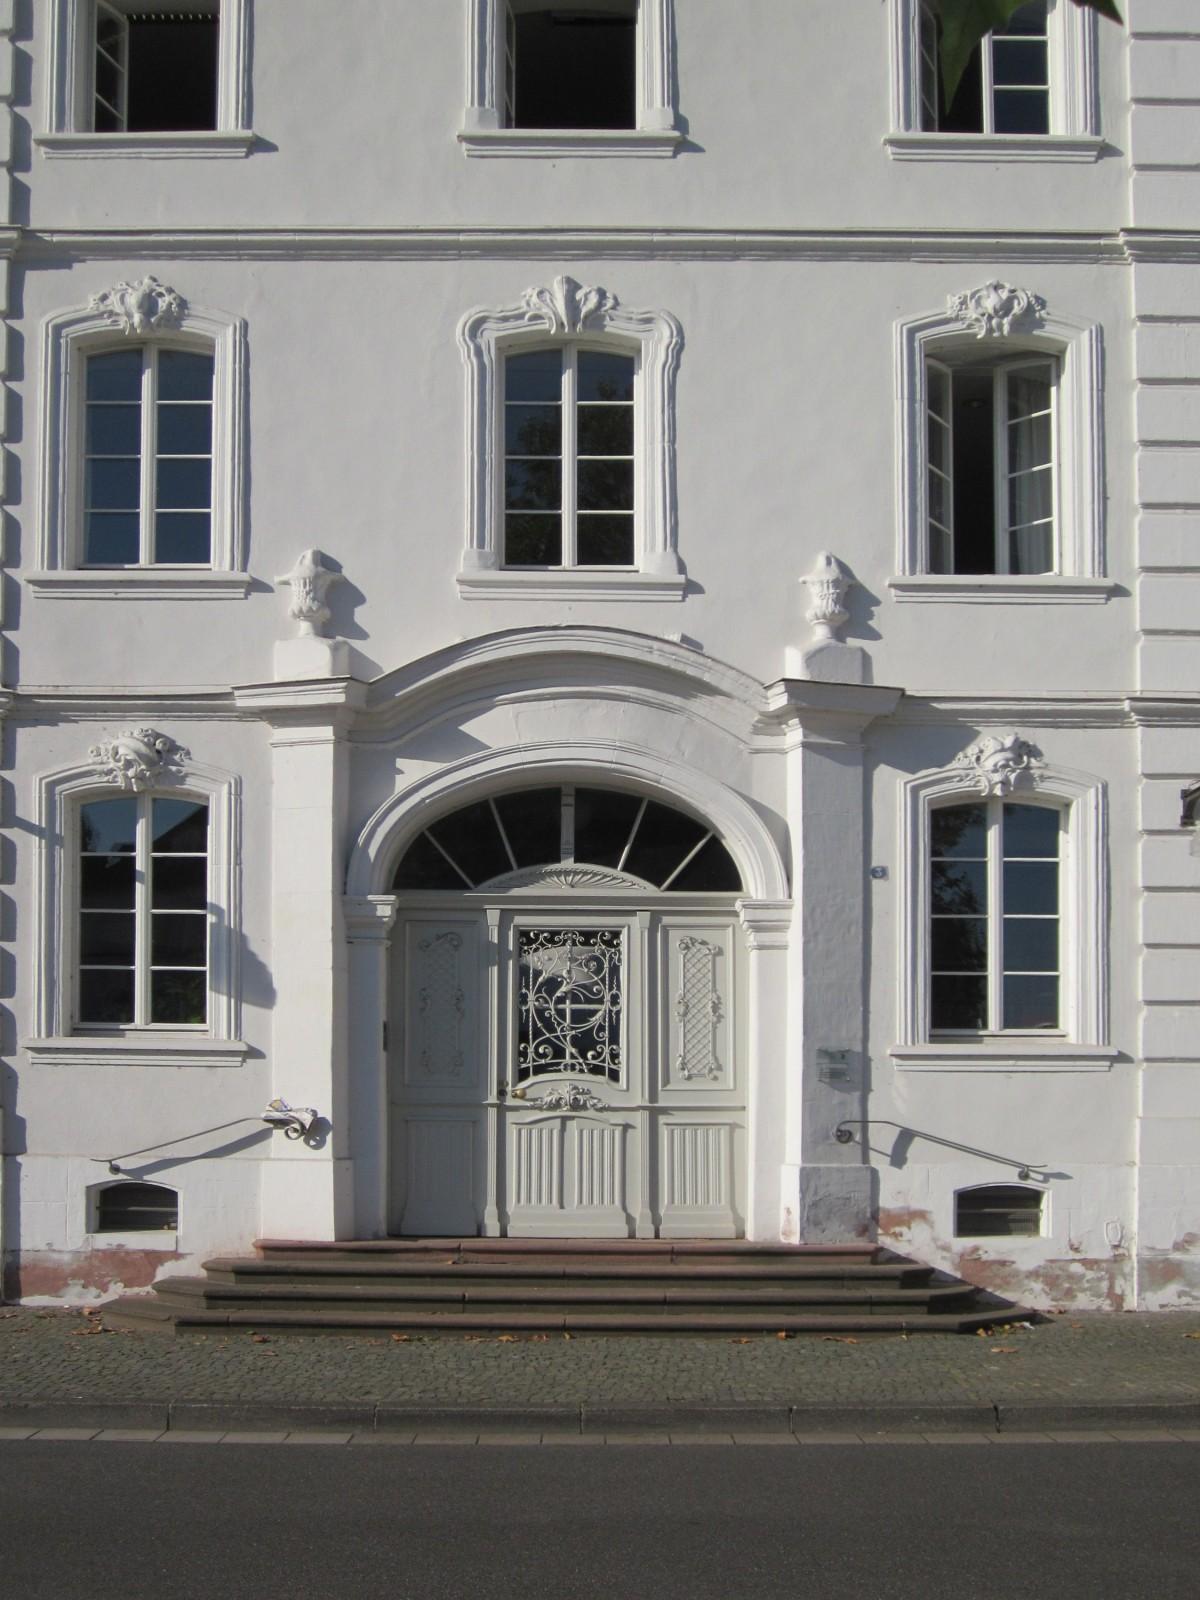 Images Gratuites Architecture Manoir Maison Fentre